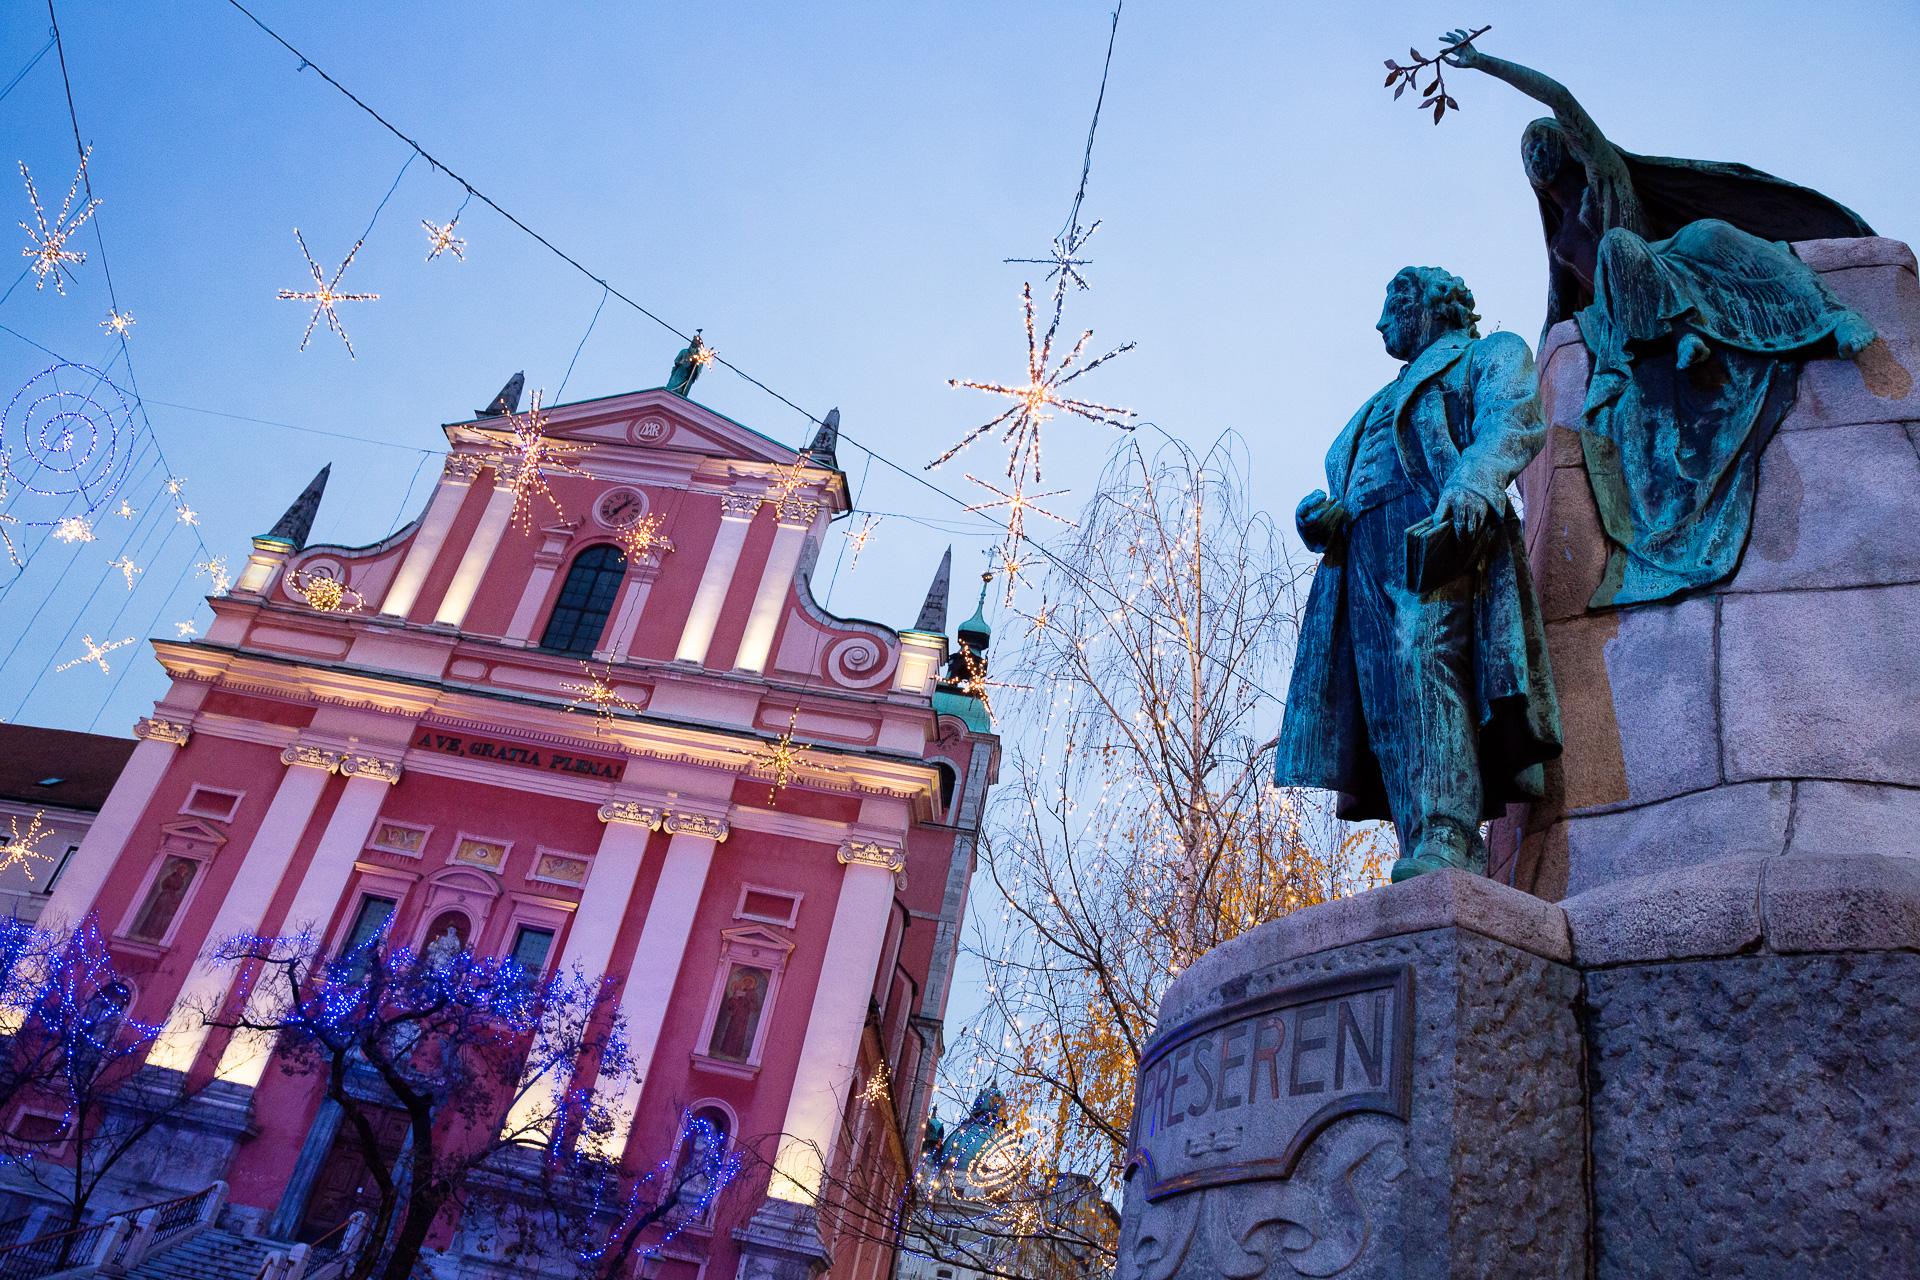 Unsere Fotoreisen Winter-Saison eröffnen wir in Sloweniens Hauptstadt. Banne das Lichterfest von Ljubljana auf Bild. Eine genussvolle Fotoreise inklusive Bootsfahrt.